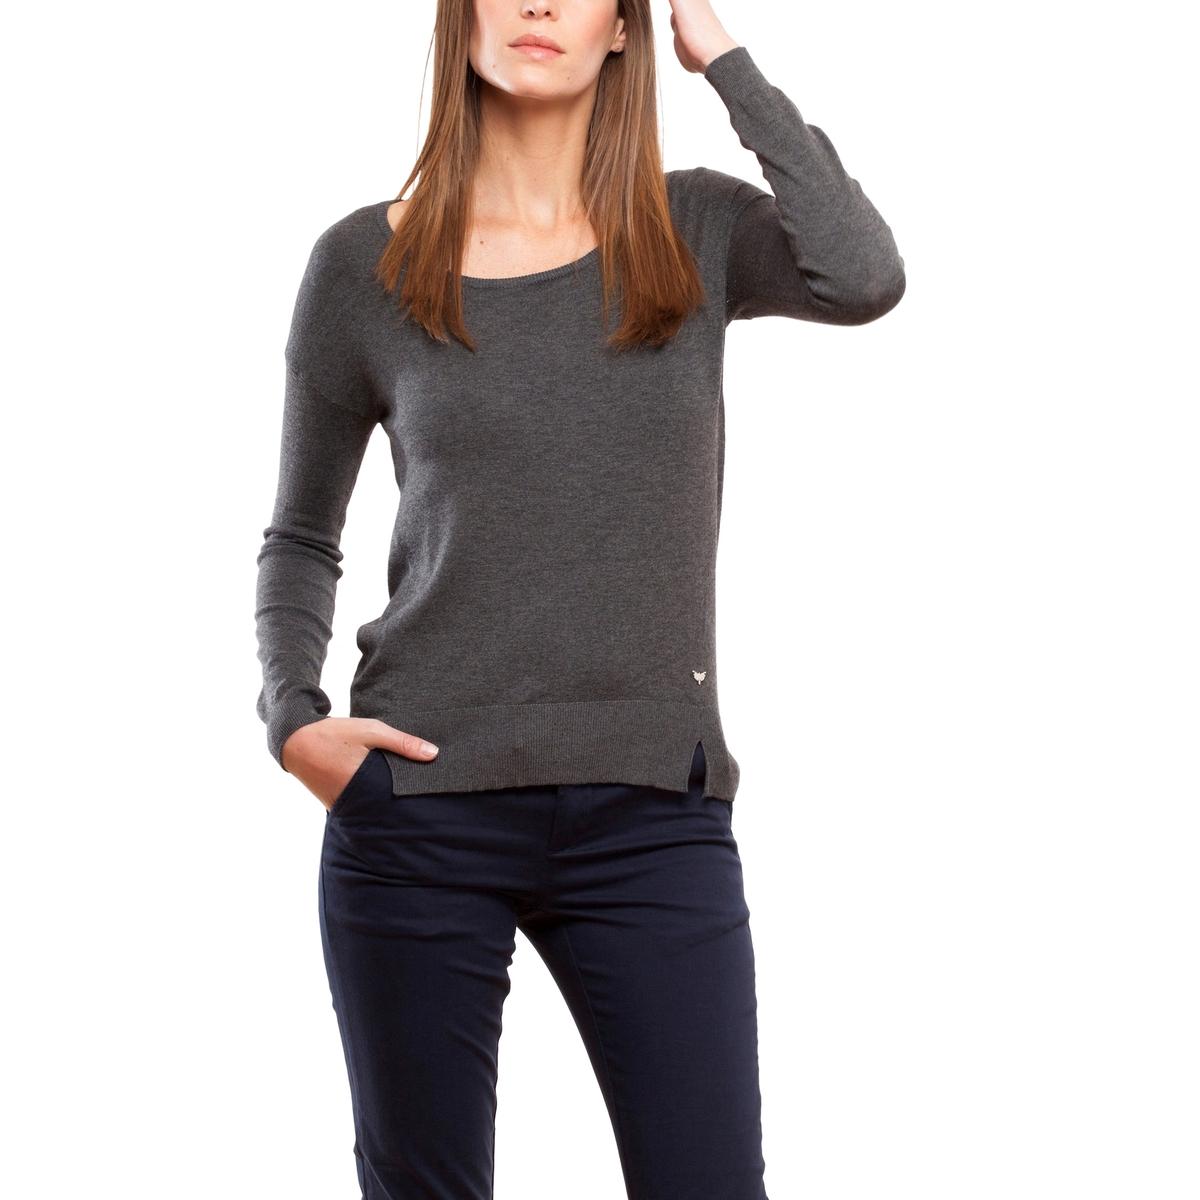 Пуловер с круглым вырезом из тонкого трикотажаОписание:Детали •  Длинные рукава •  Круглый вырез •  Тонкий трикотаж Состав и уход •  78% вискозы, 3% эластана, 19% полиамида •  Следуйте советам по уходу, указанным на этикетке<br><br>Цвет: антрацит,хаки